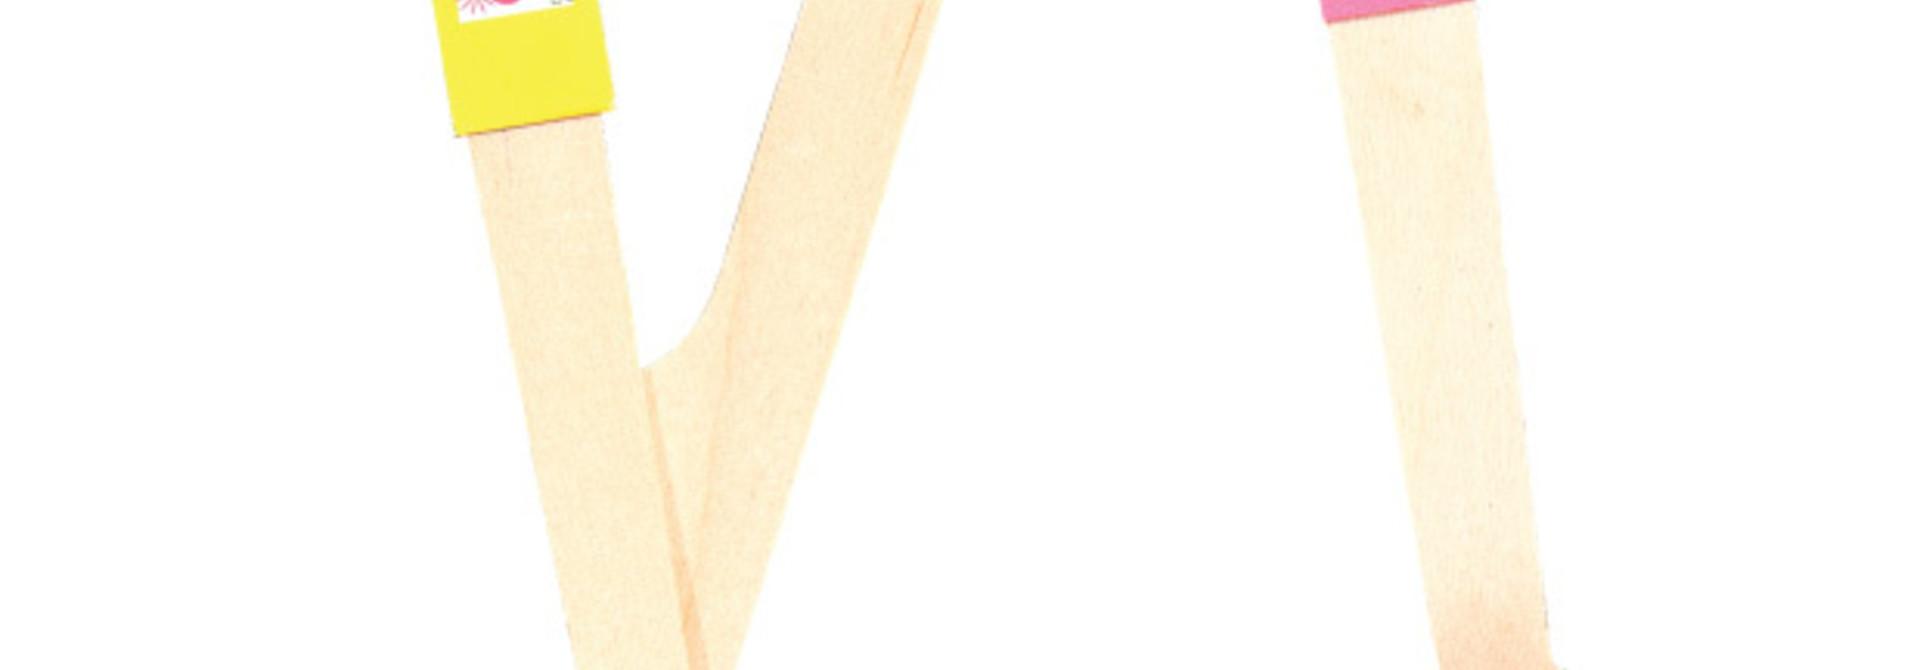 Houten Bestek Viva La Fiesta (18 st) - Ginger Ray